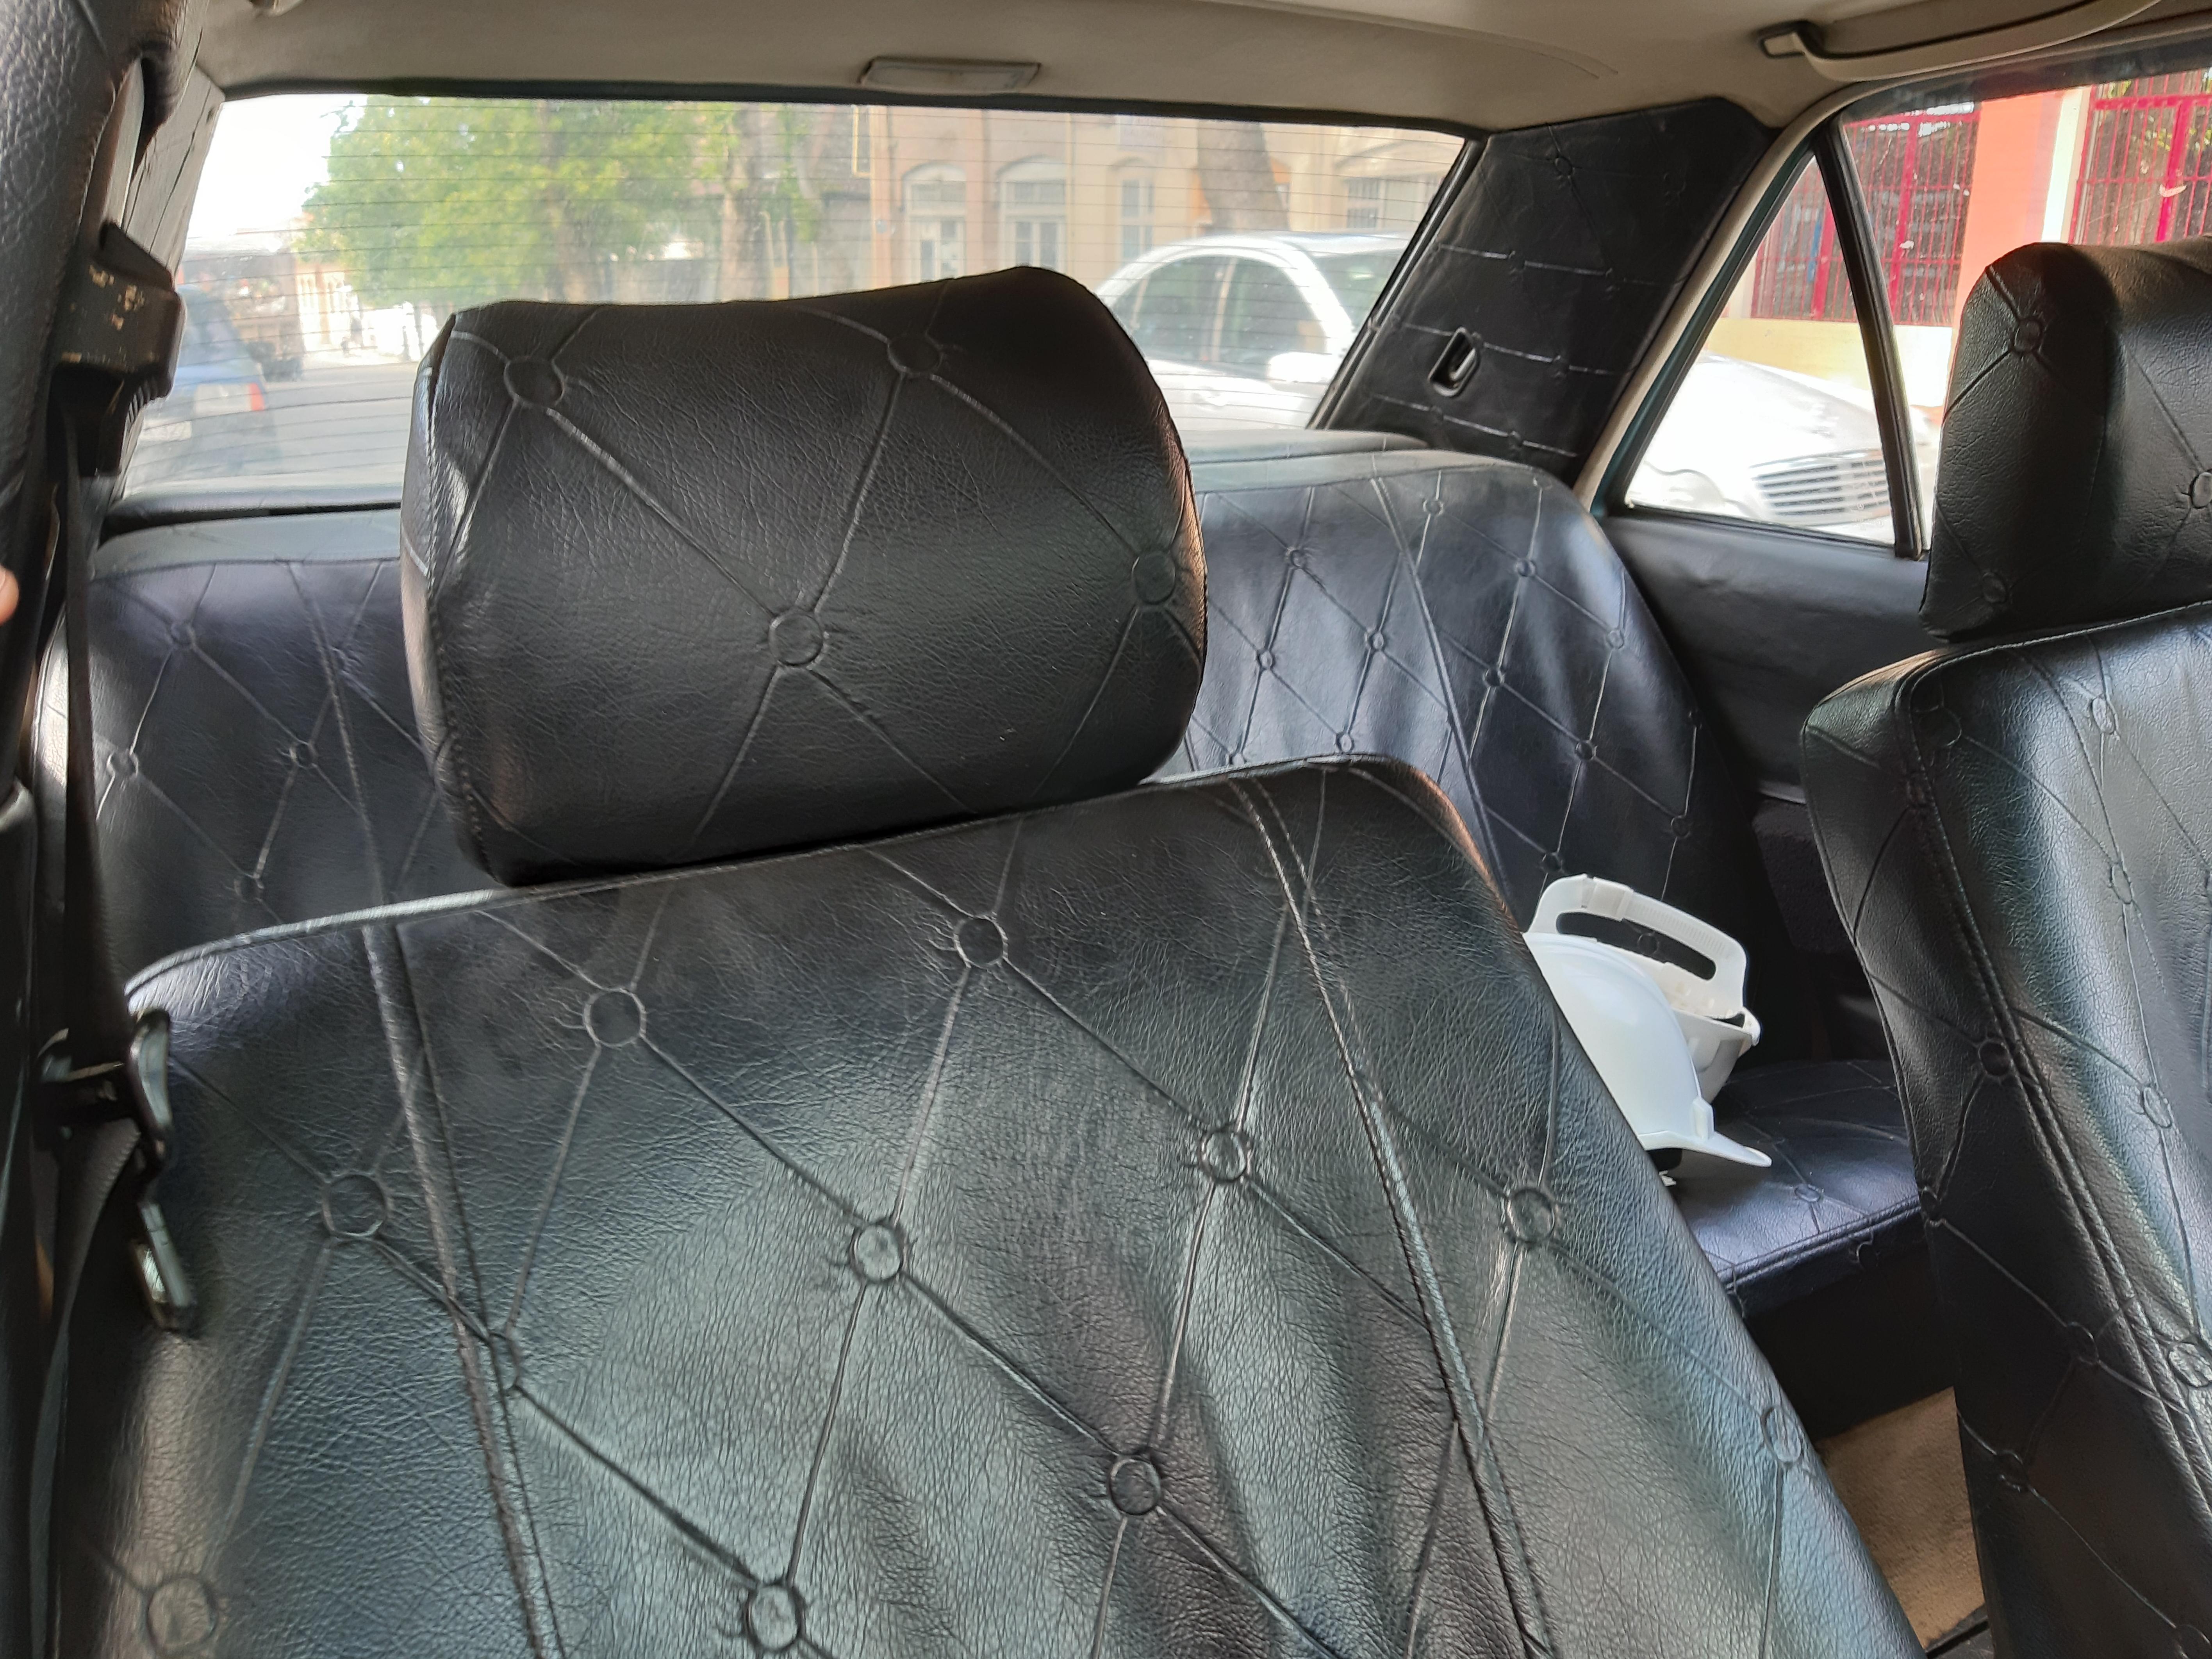 Mercedes-Benz 190 2.3(lt) 1990 Подержанный  $5500